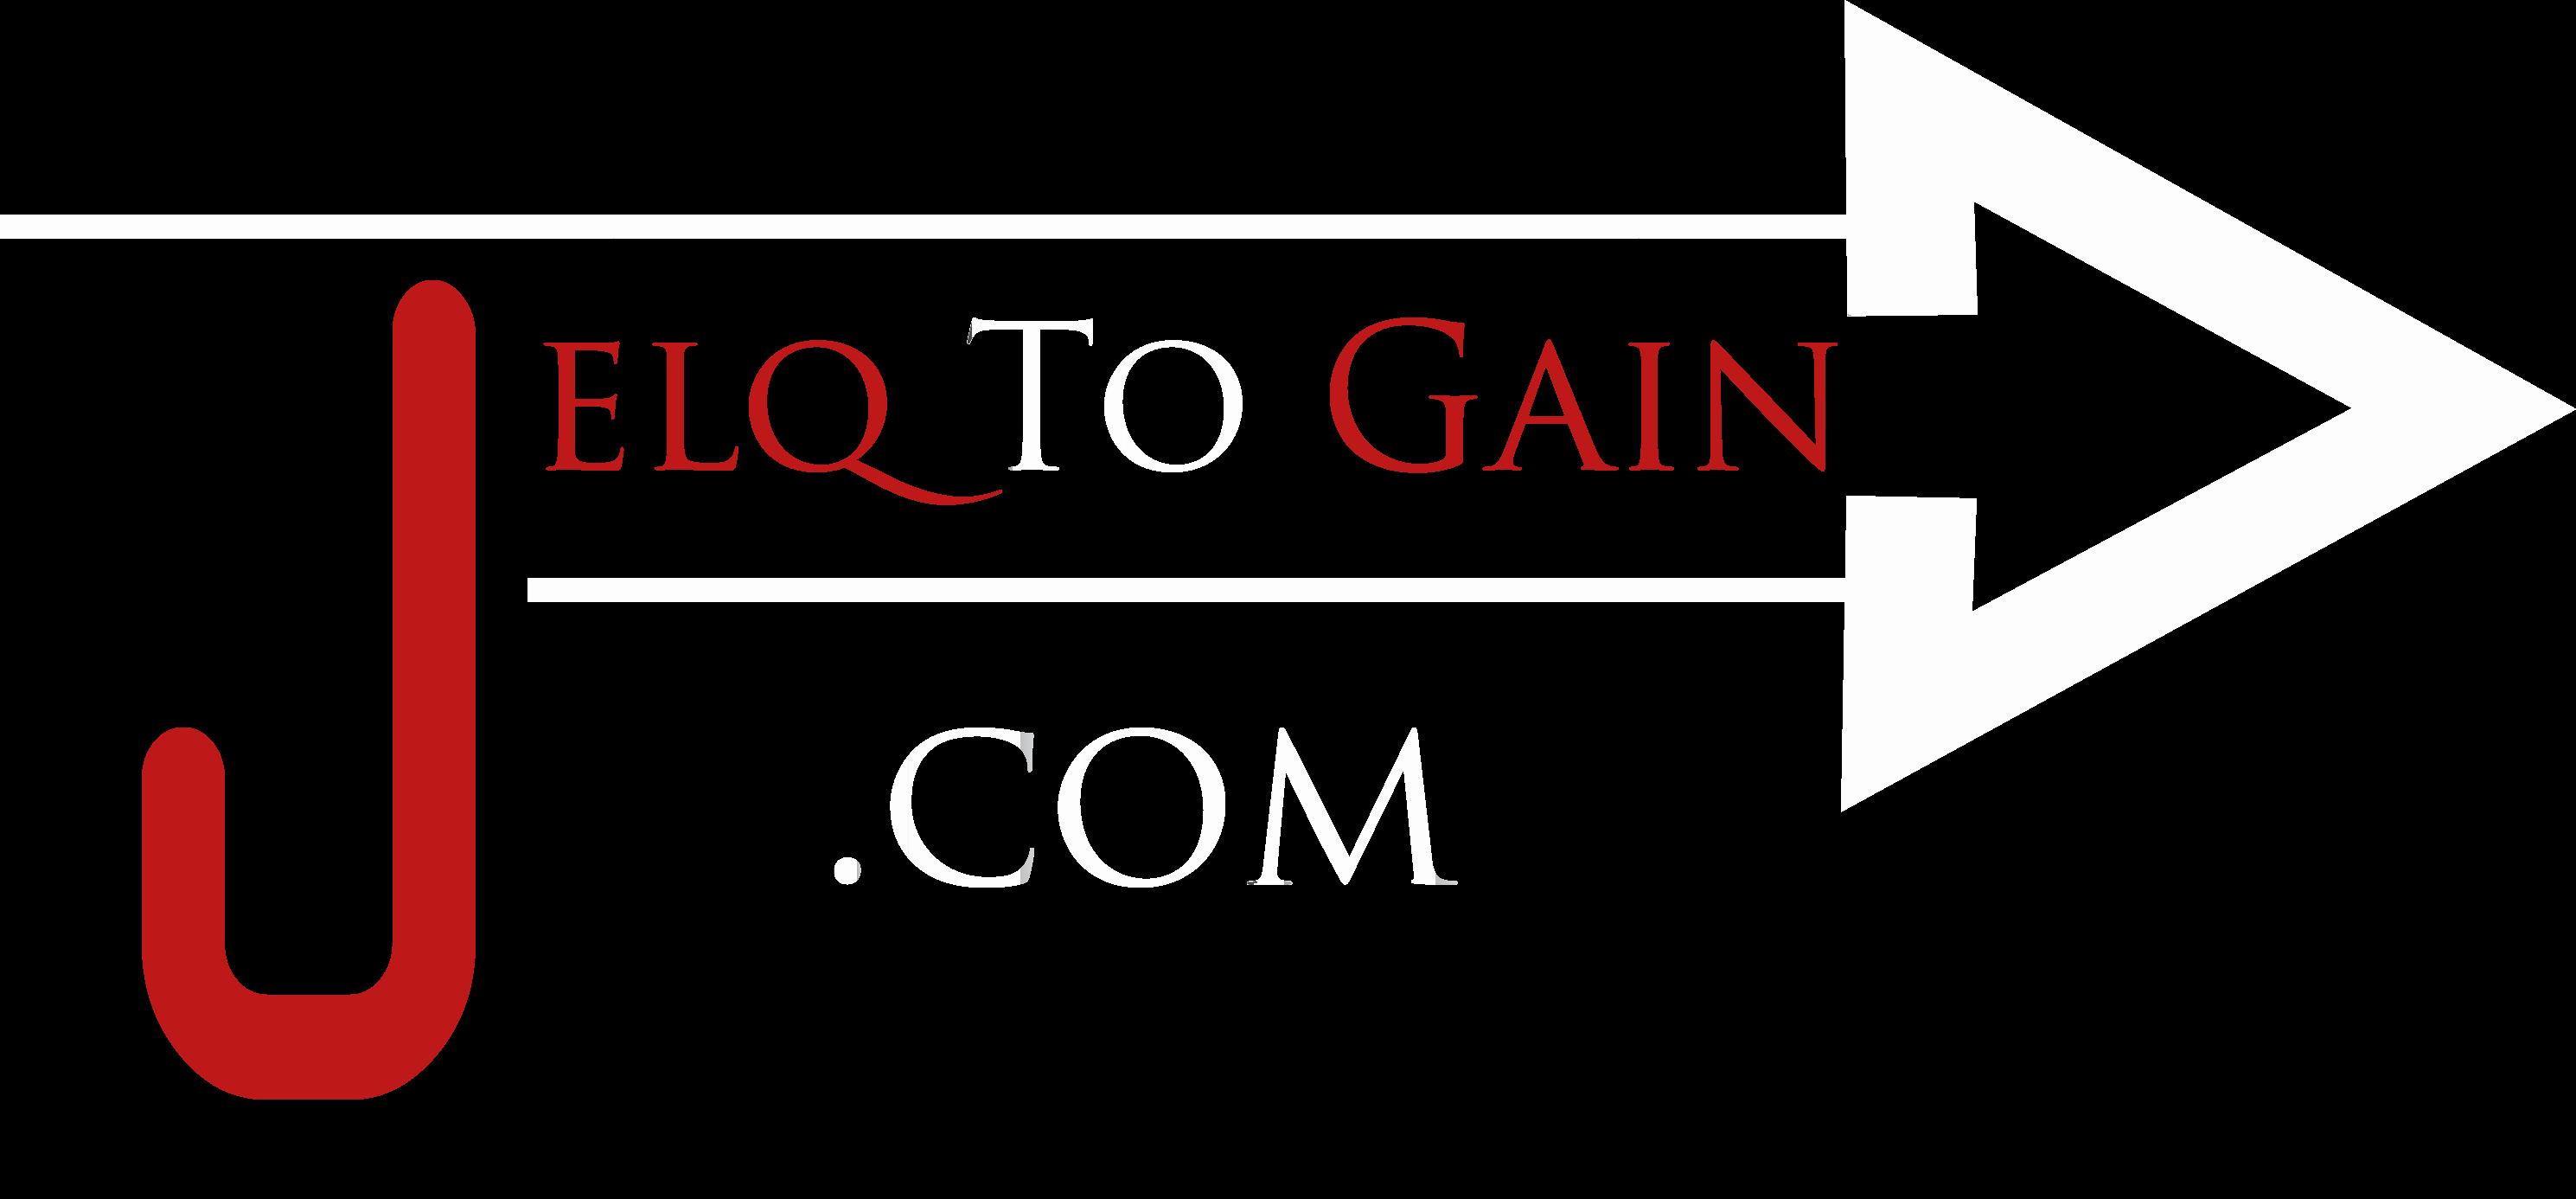 JelqToGain